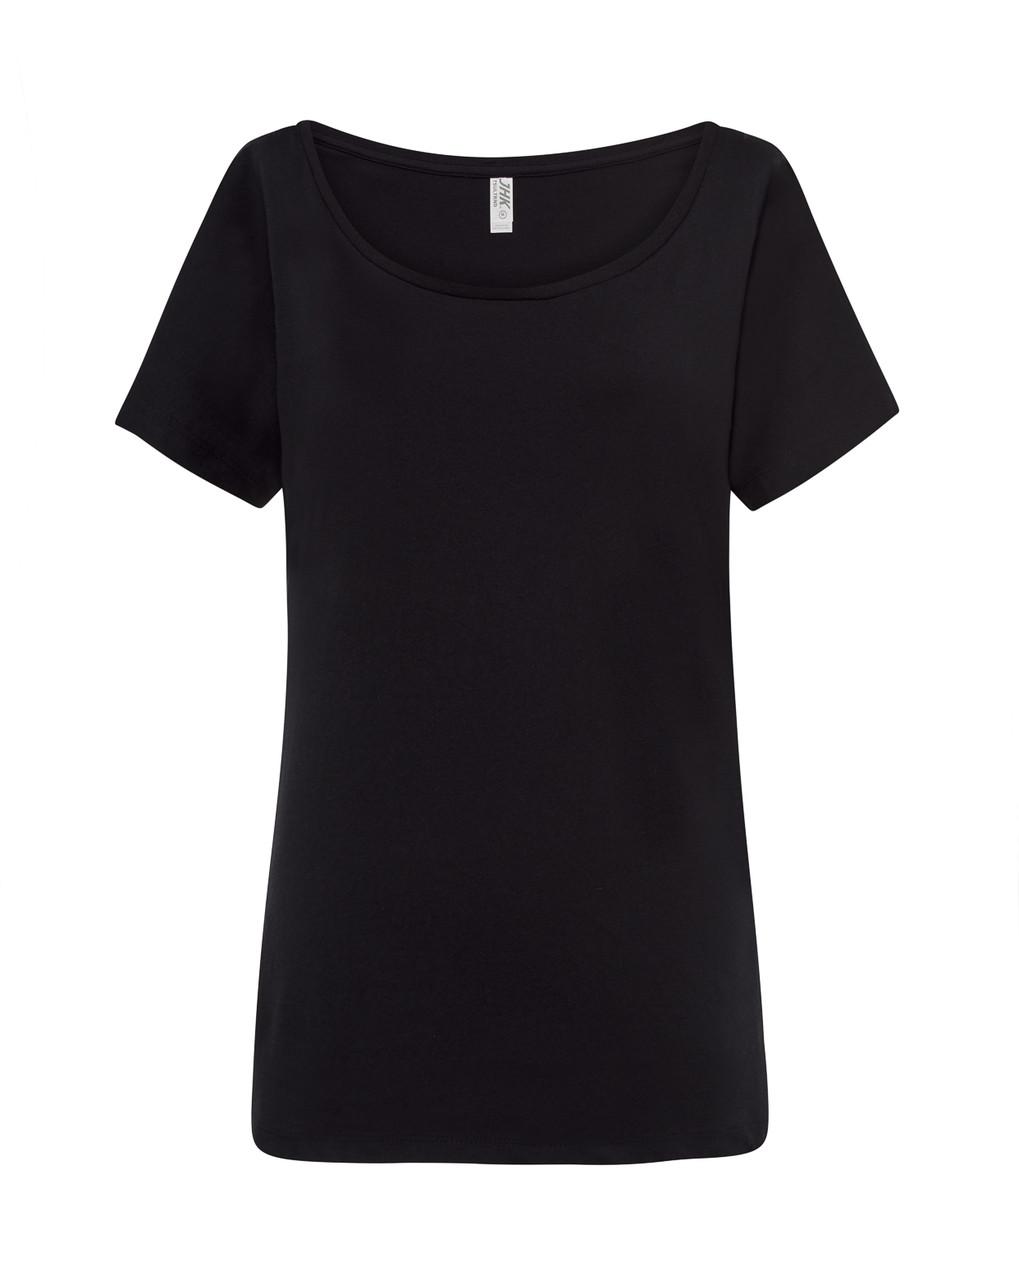 Женская футболка JHK TRINIDAD цвет черный (BK)